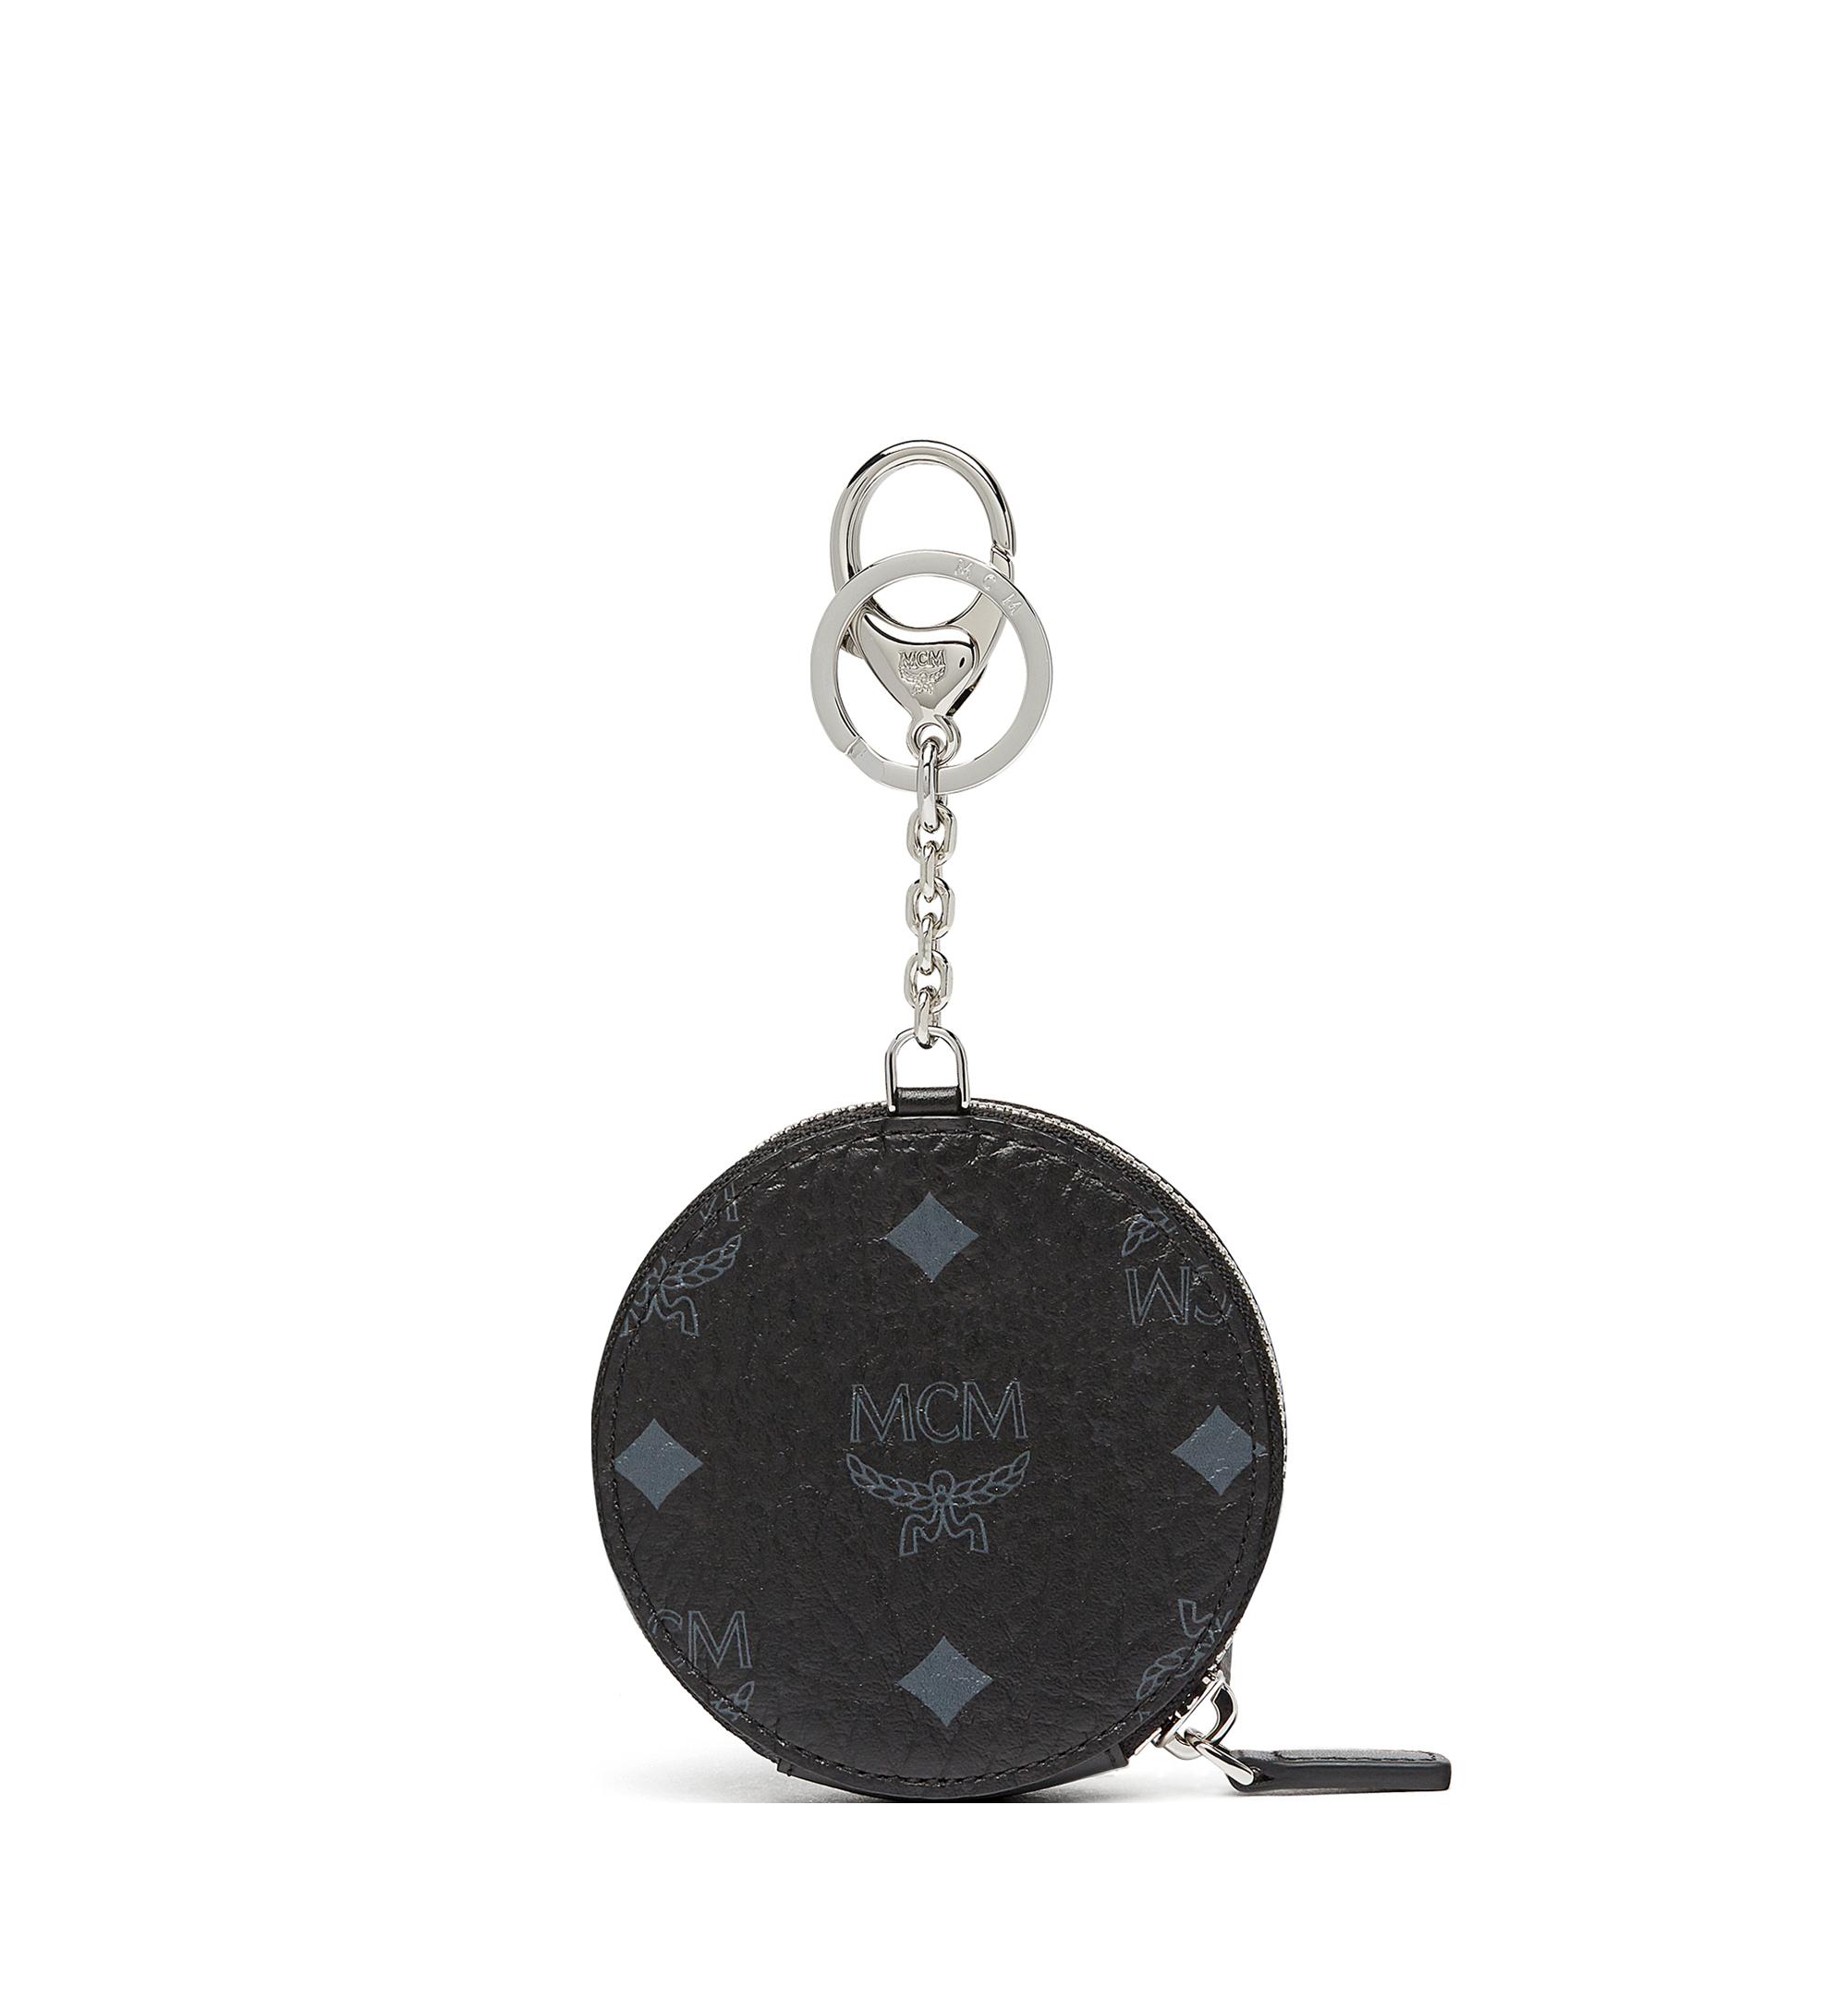 MCM กระเป๋าเพาช์ใส่เหรียญลาย Visetos Original Black MYI8SVI13BK001 มุมมองอื่น 2